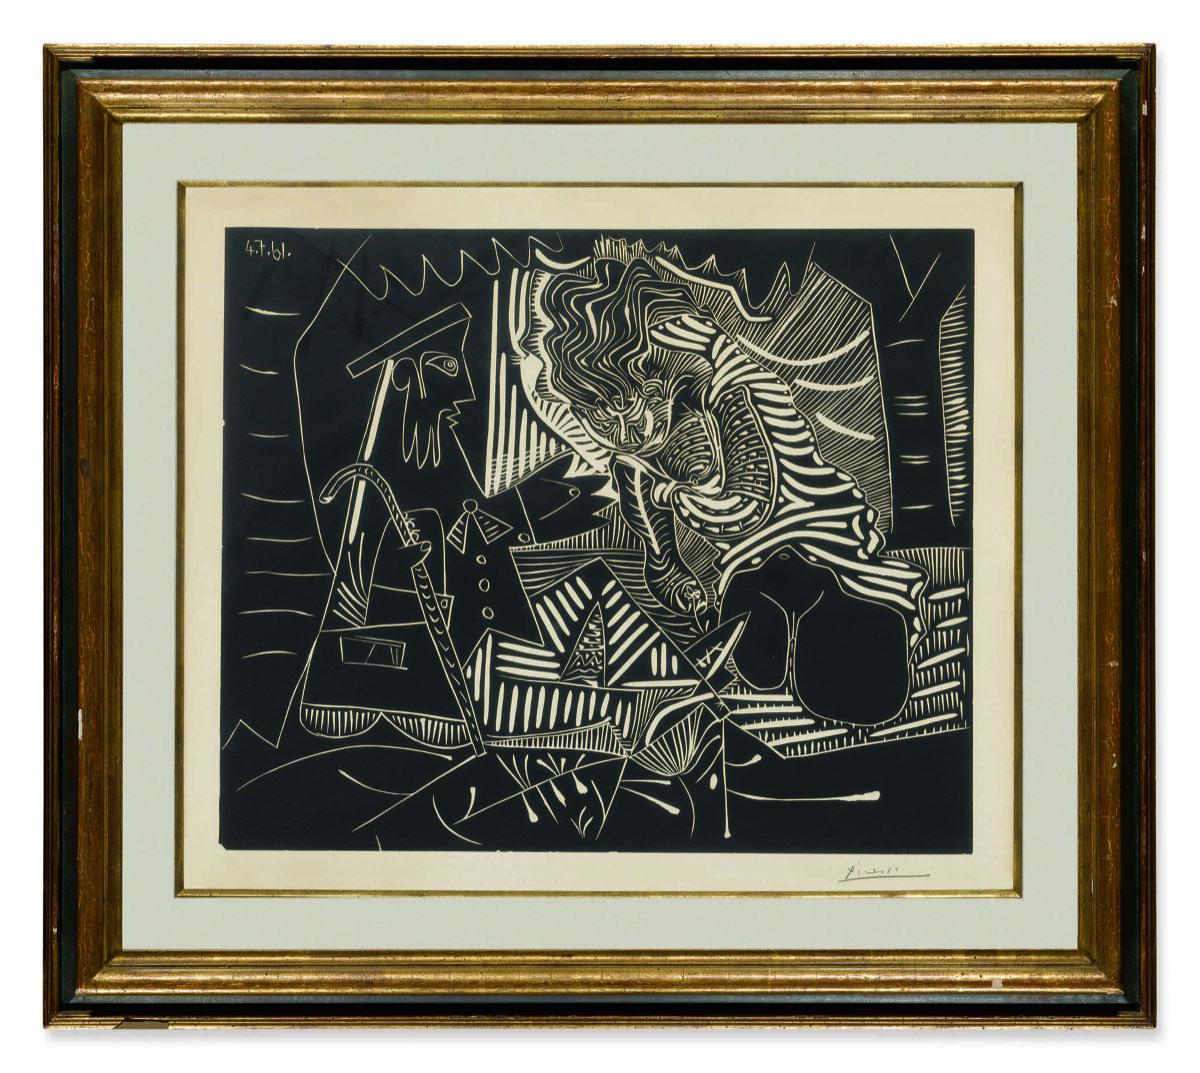 Pablo Picasso, Variation Sur Le Dejeuner Sur L'Herbe De Manet, n.d. Courtesy of Sotheby's.